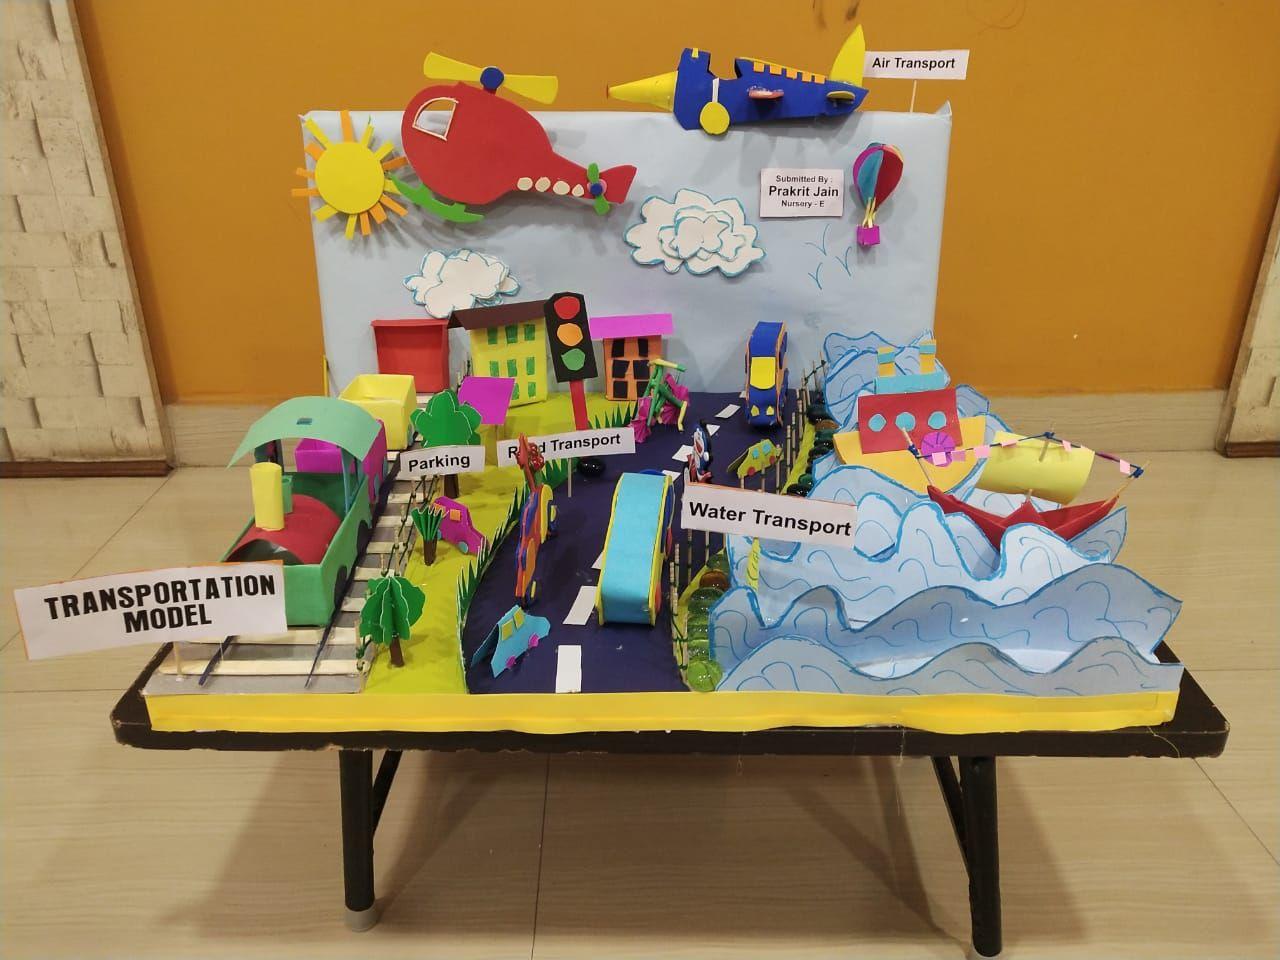 Transportation Model For Schools Craft